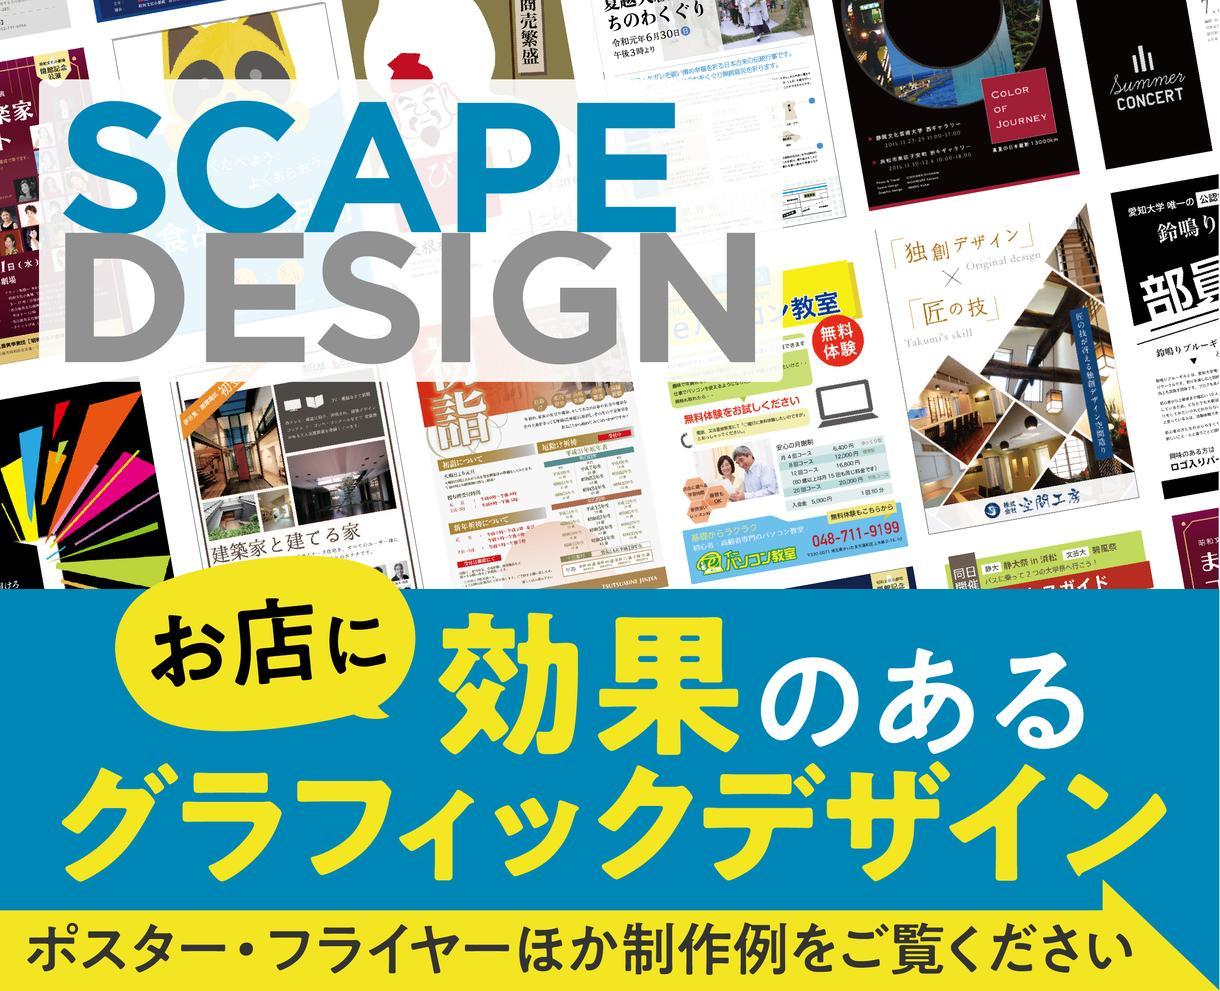 明快でイメージ伝わる!強いデザインをご提案します 高品質で効果のあるポスター・フライヤー・チラシ等の作成します イメージ1